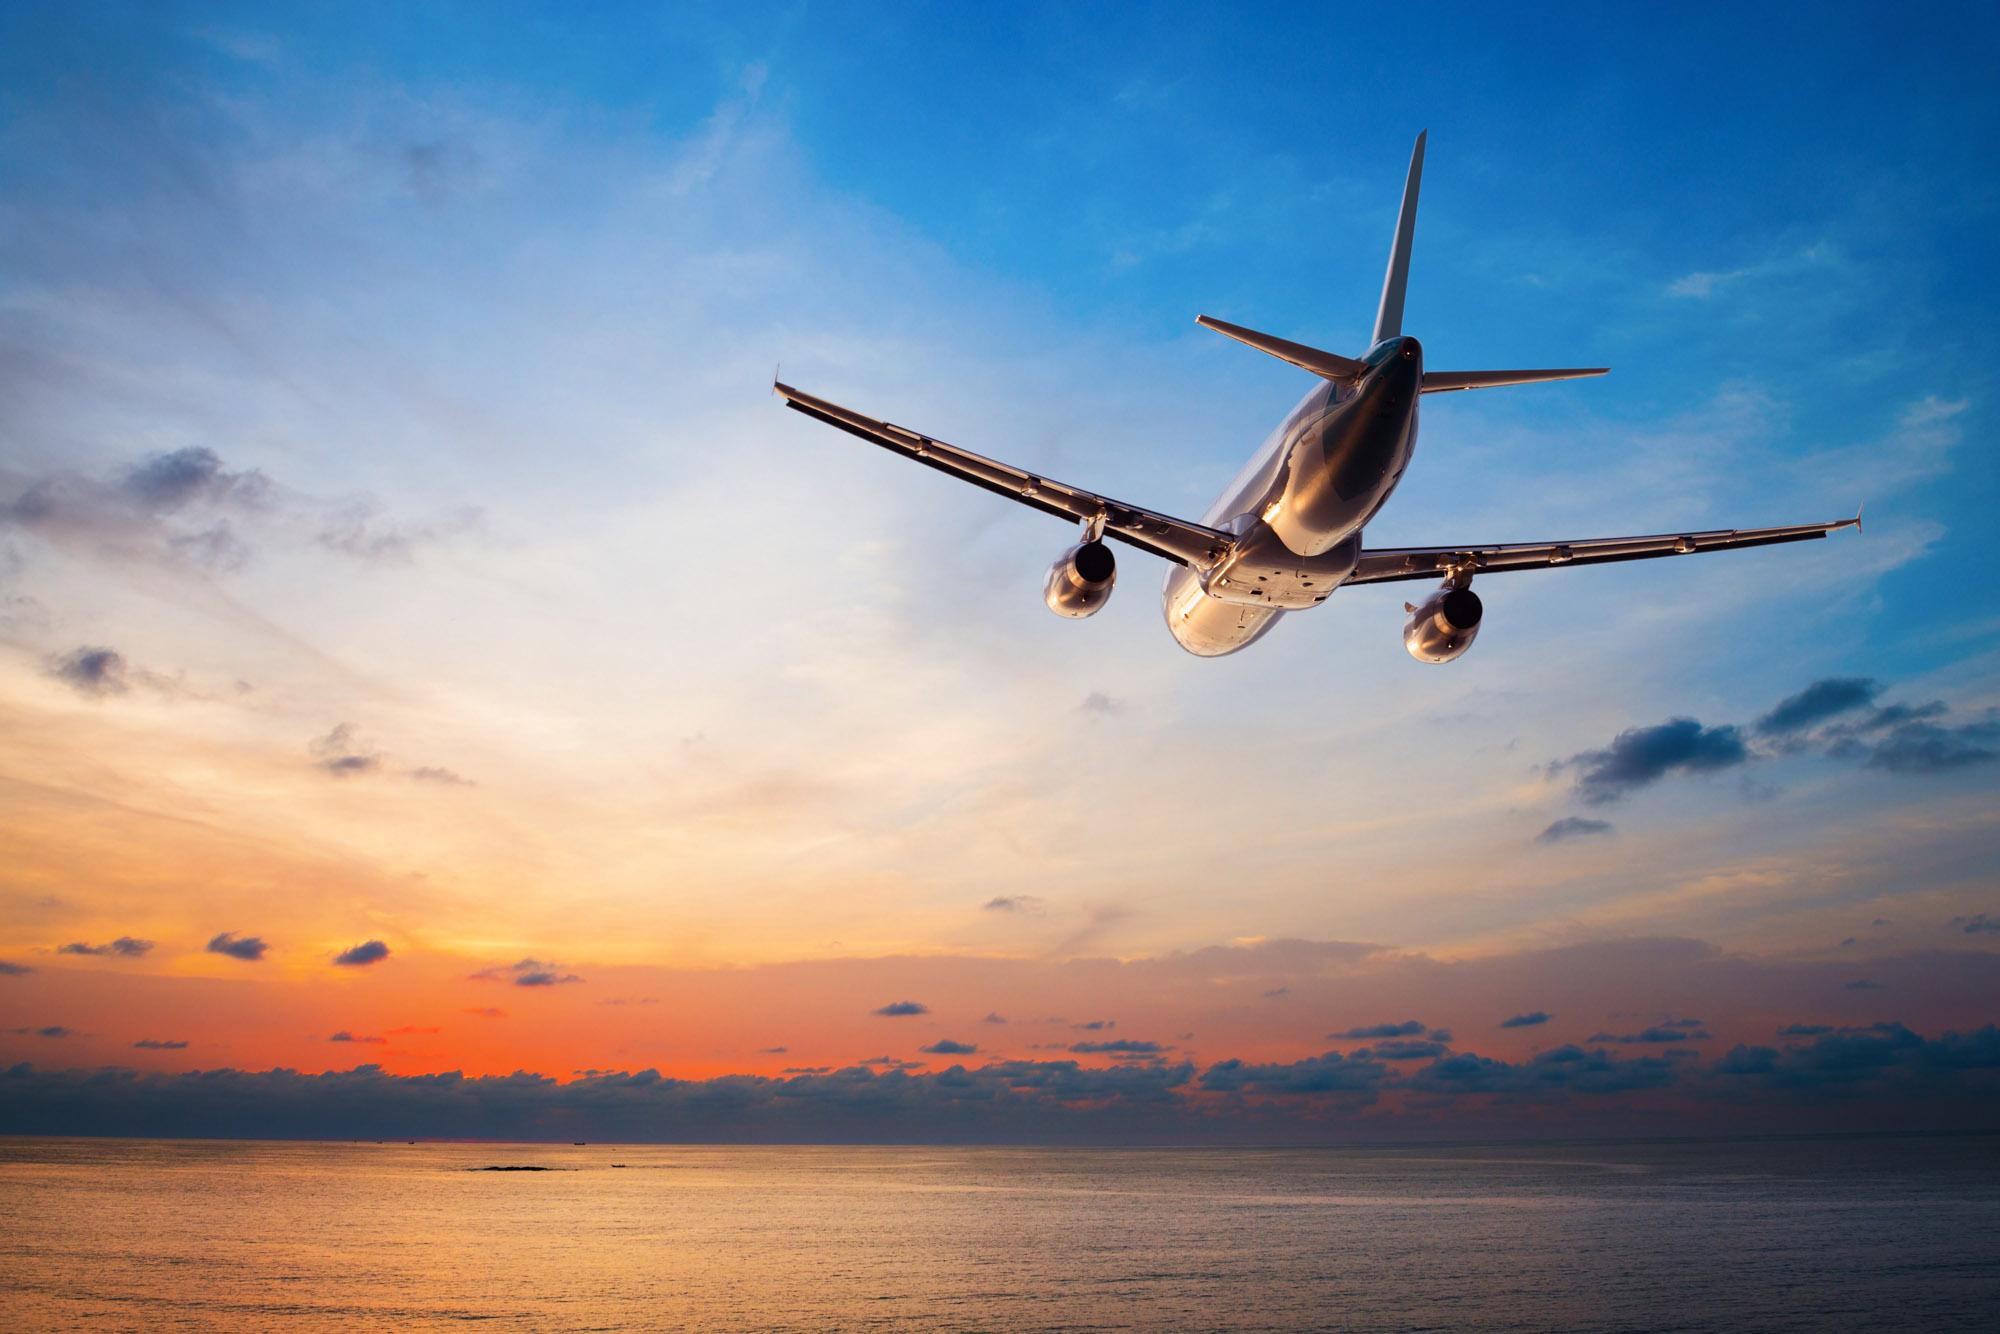 德里-阿拉木图直飞航班将于6月开通